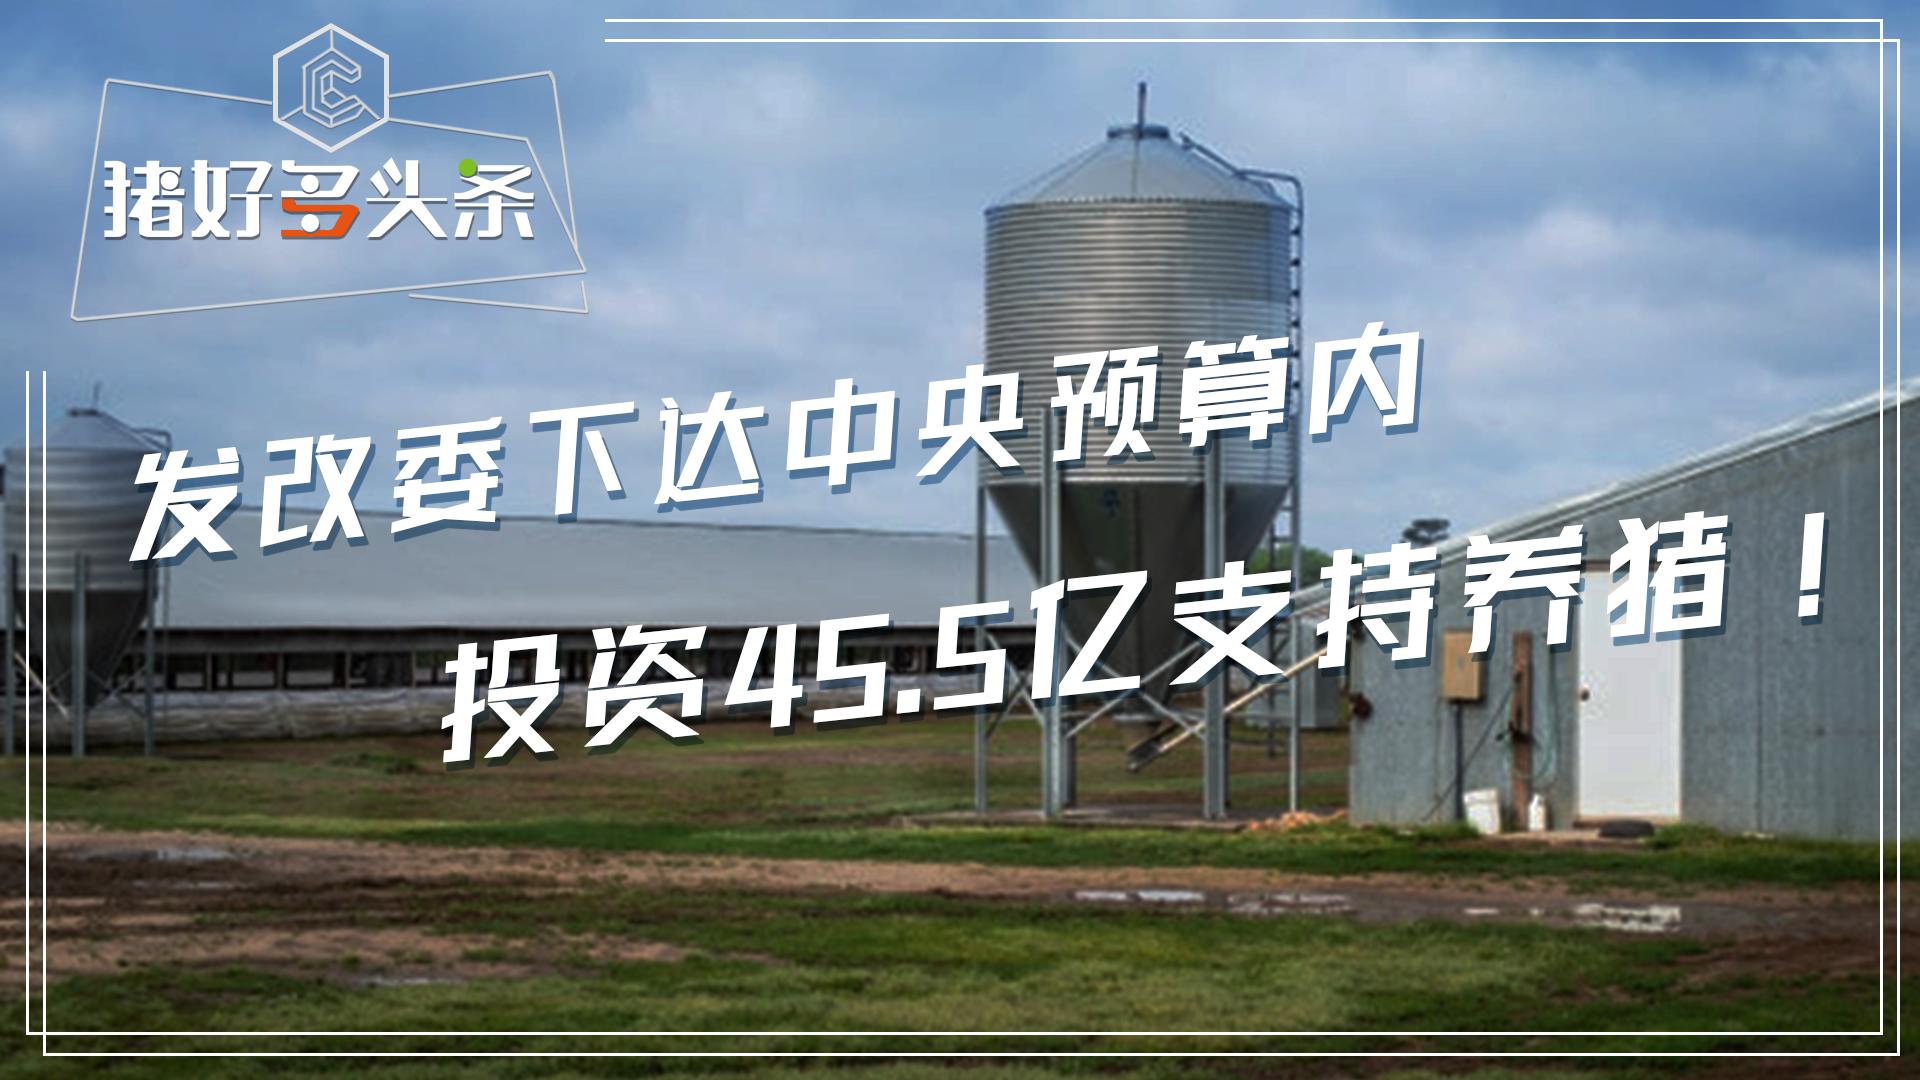 国家鼓励养猪:发改委下达中央预算内投资45.5亿元支持养猪!